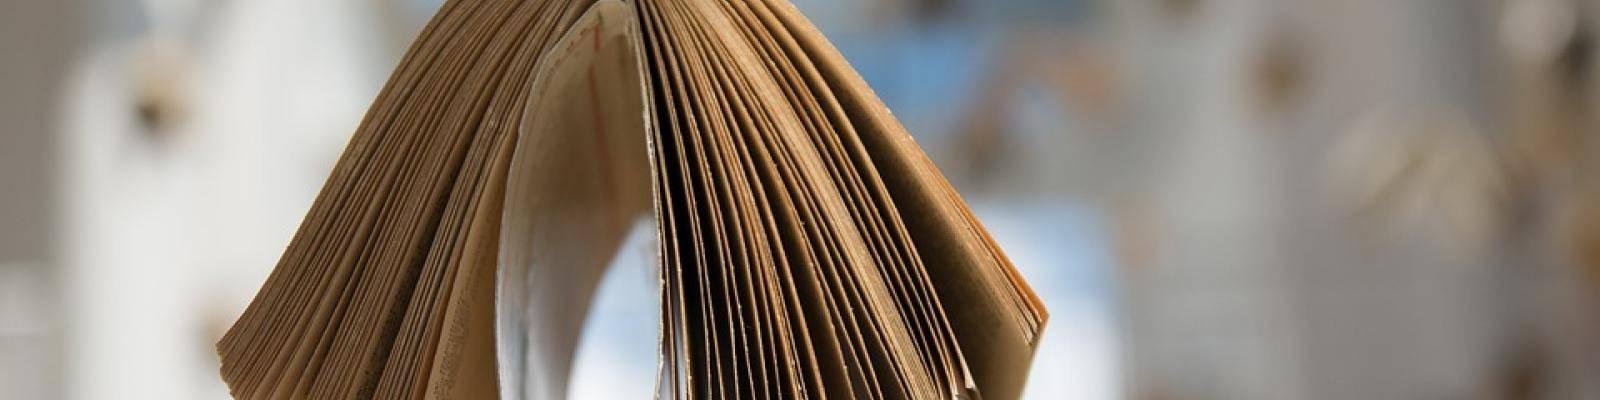 Hangend boek